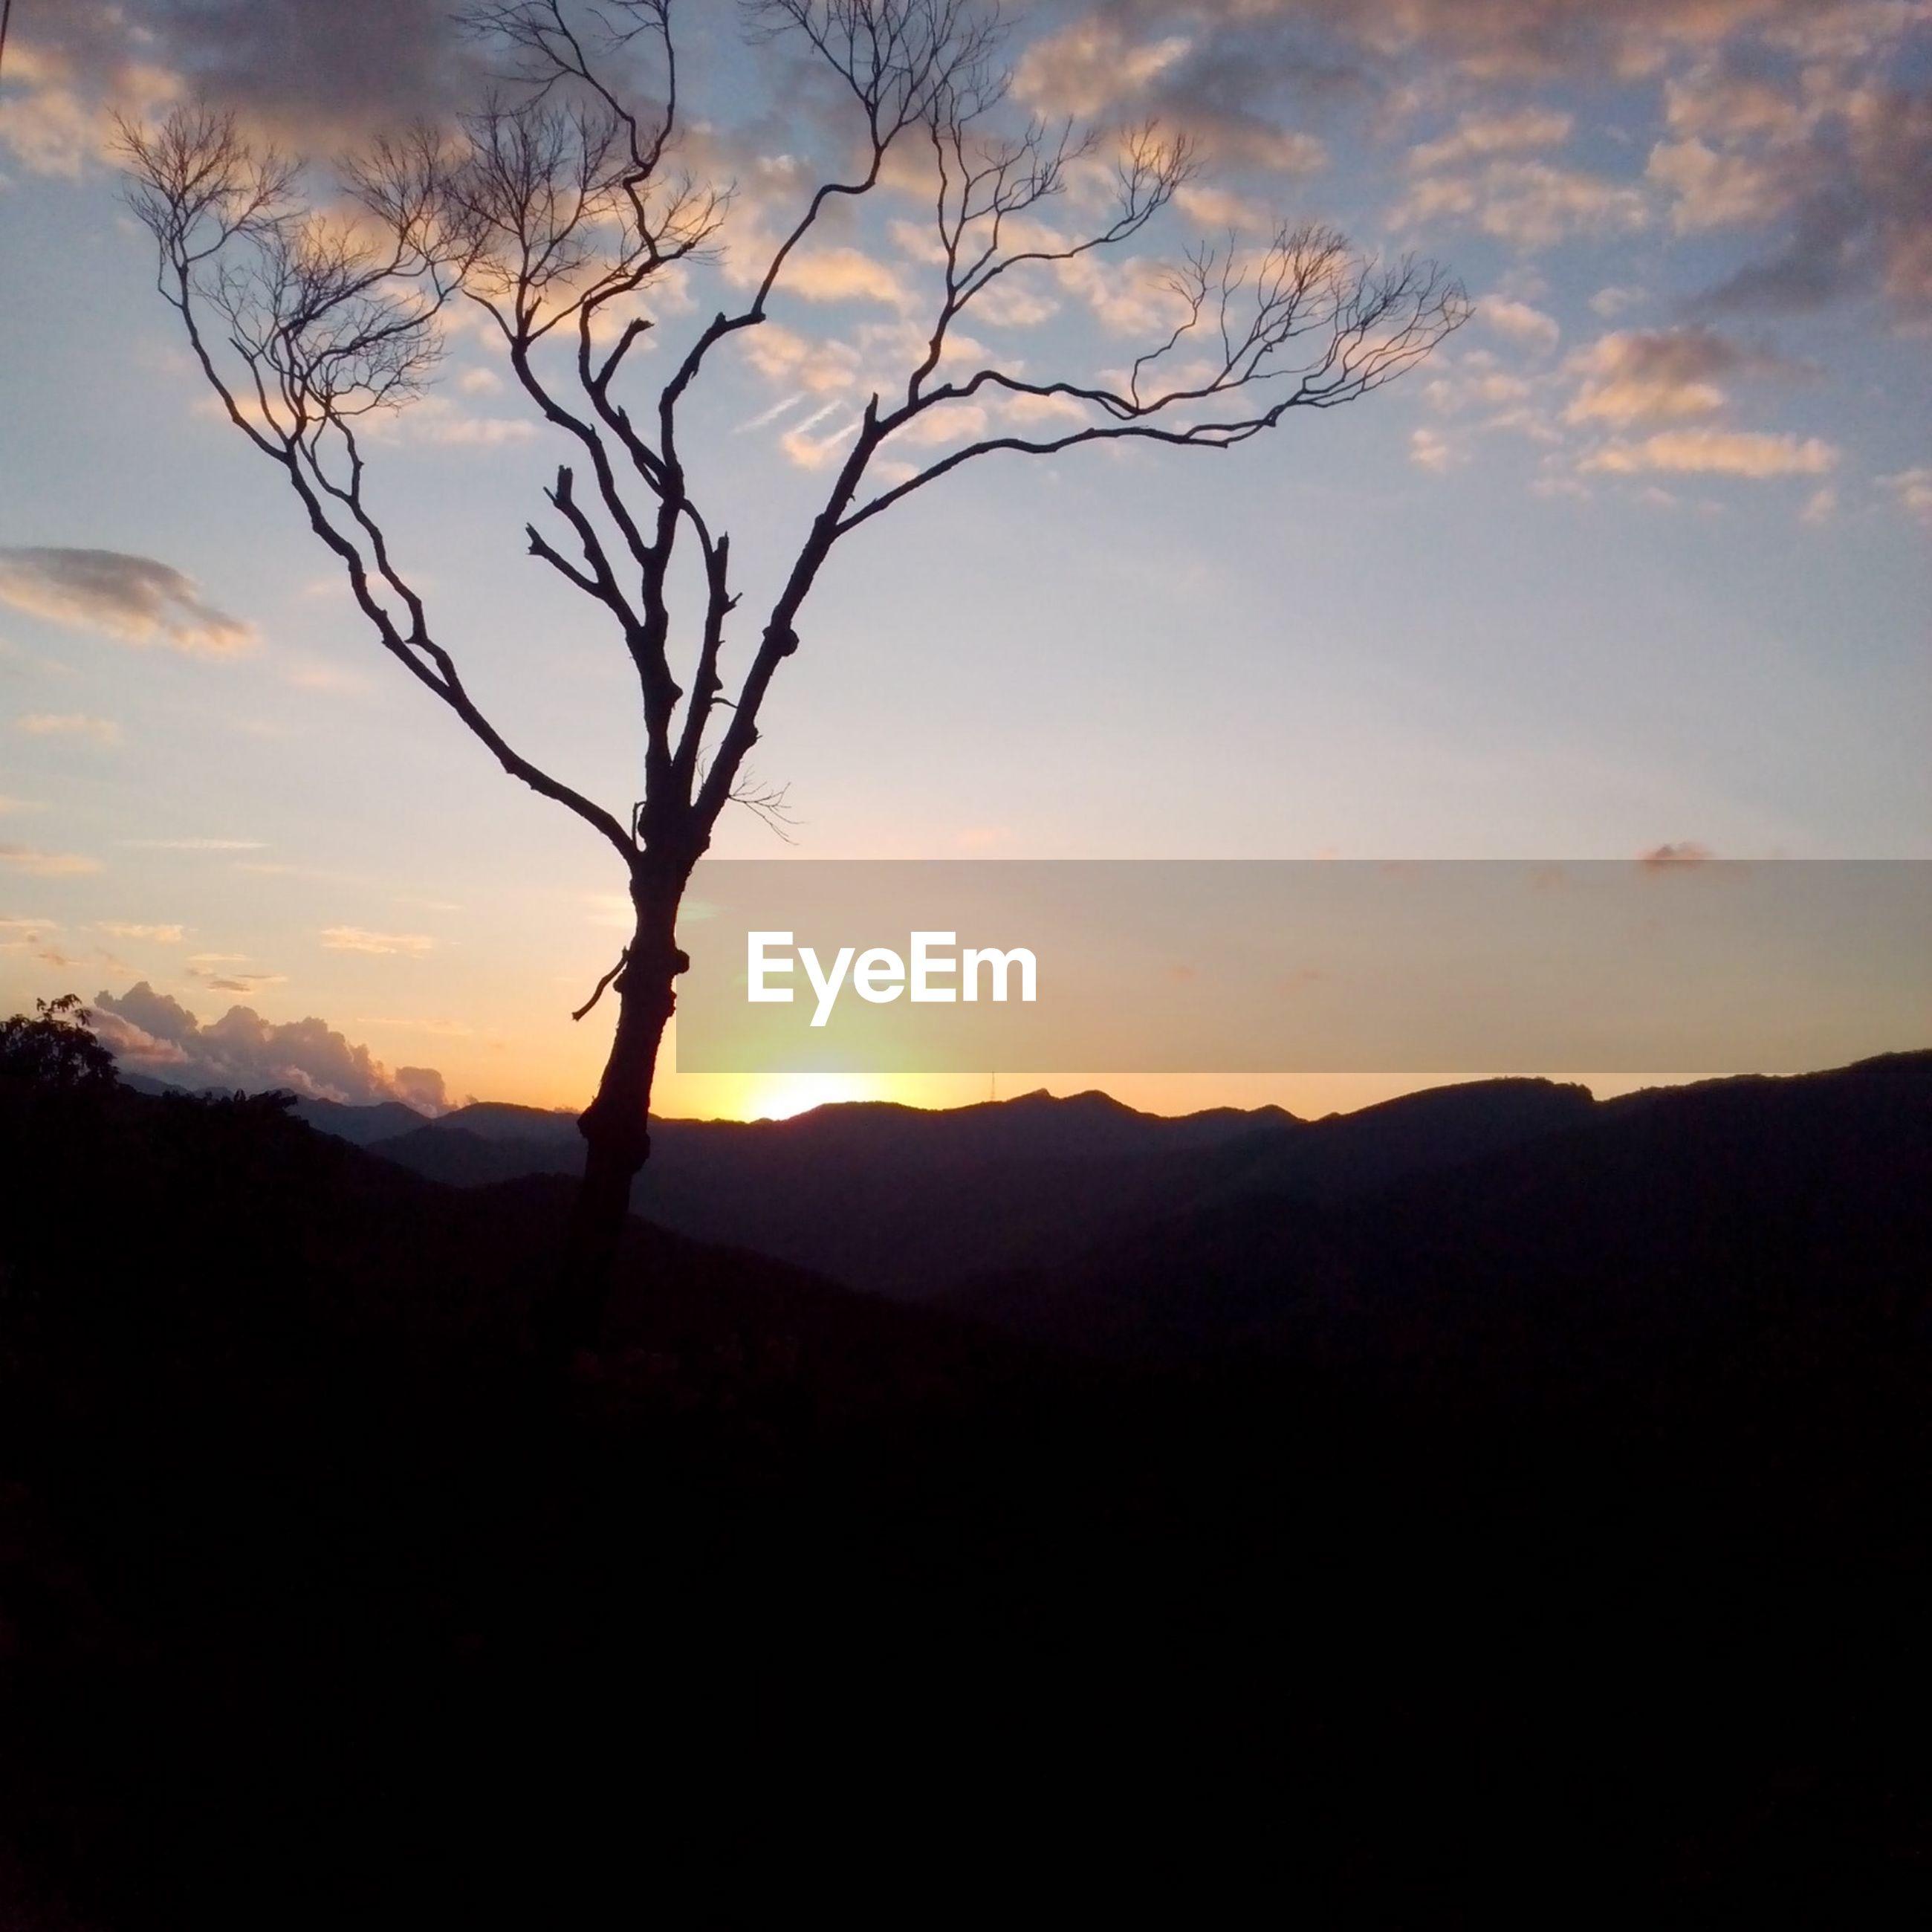 silhouette, tranquil scene, tranquility, sunset, scenics, beauty in nature, mountain, sky, landscape, nature, tree, mountain range, bare tree, idyllic, branch, non-urban scene, non urban scene, remote, majestic, cloud